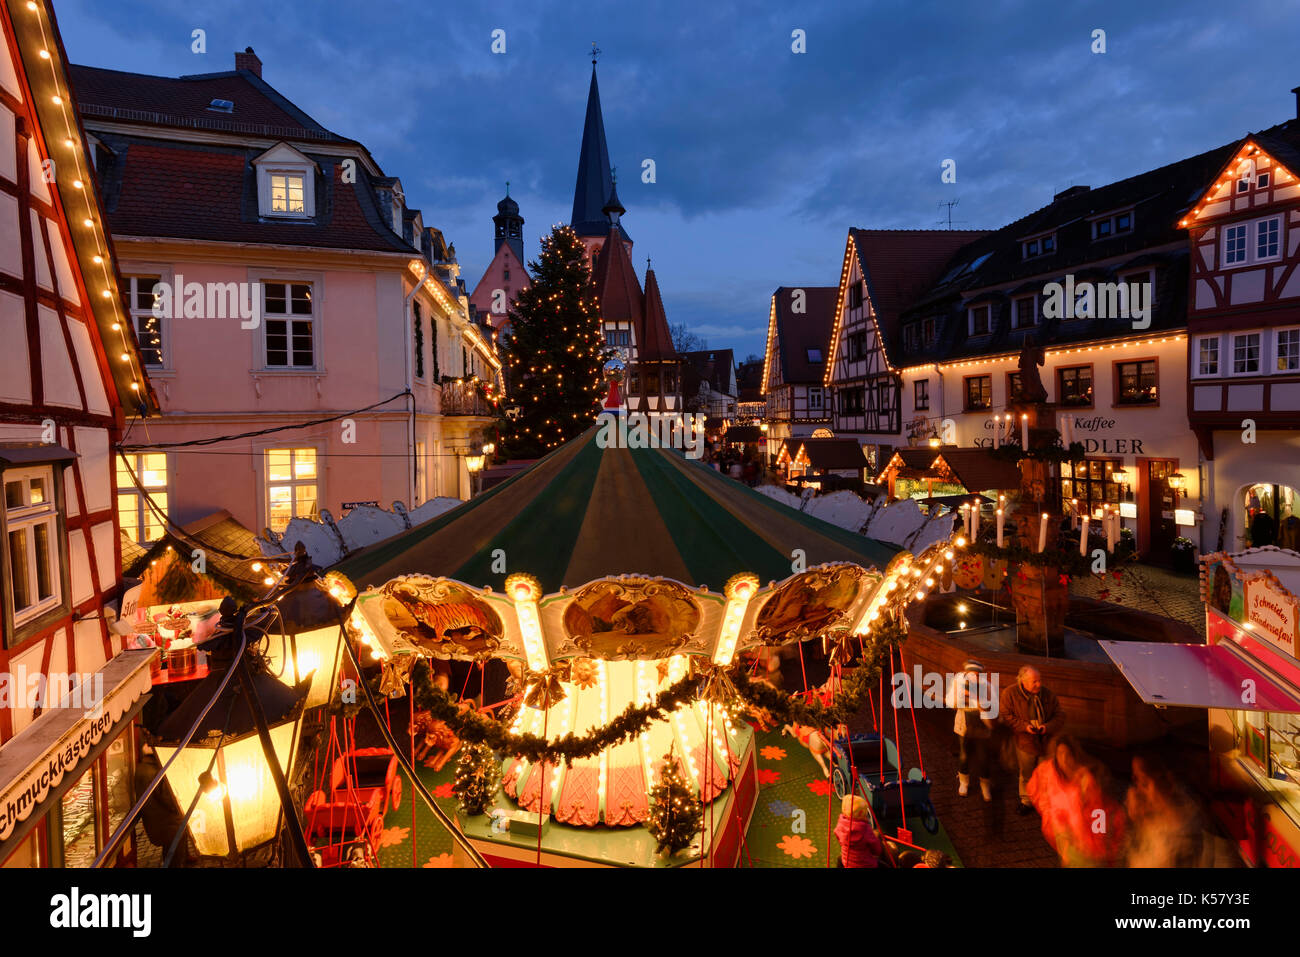 weihnachtsmarkt auf dem marktplatz in der altstadt von. Black Bedroom Furniture Sets. Home Design Ideas